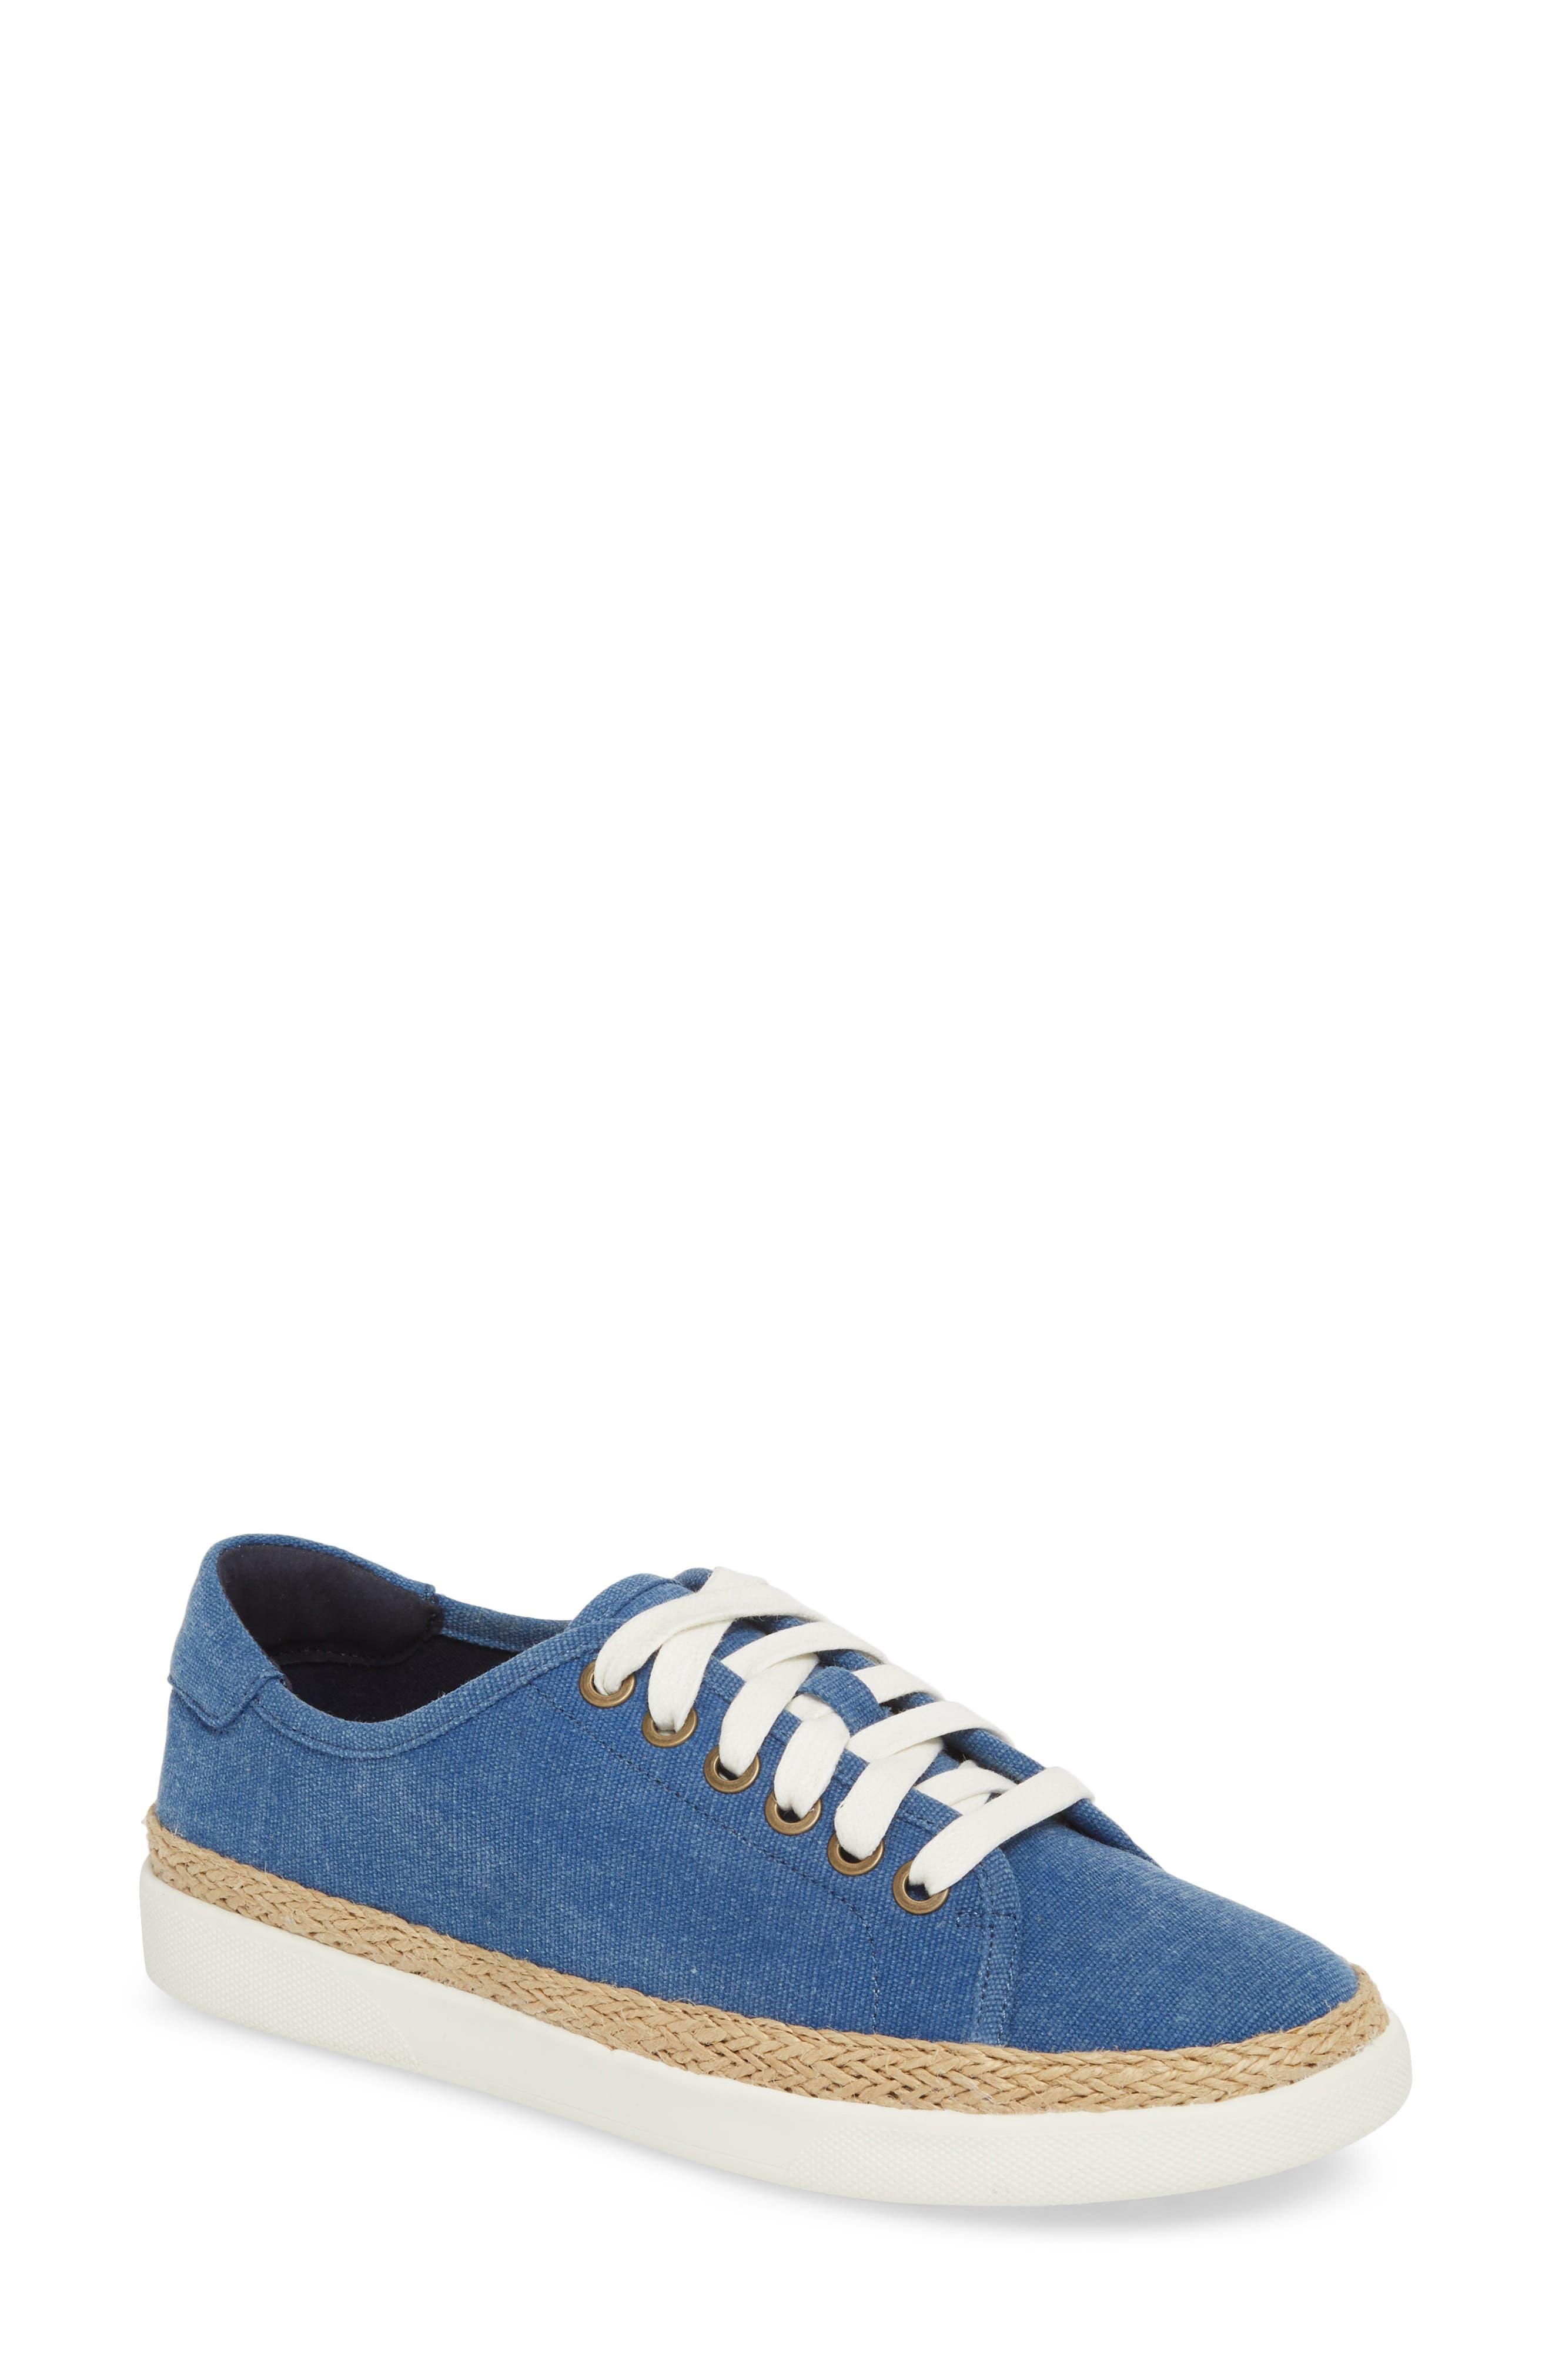 Vionic Hattie Sneaker, Blue